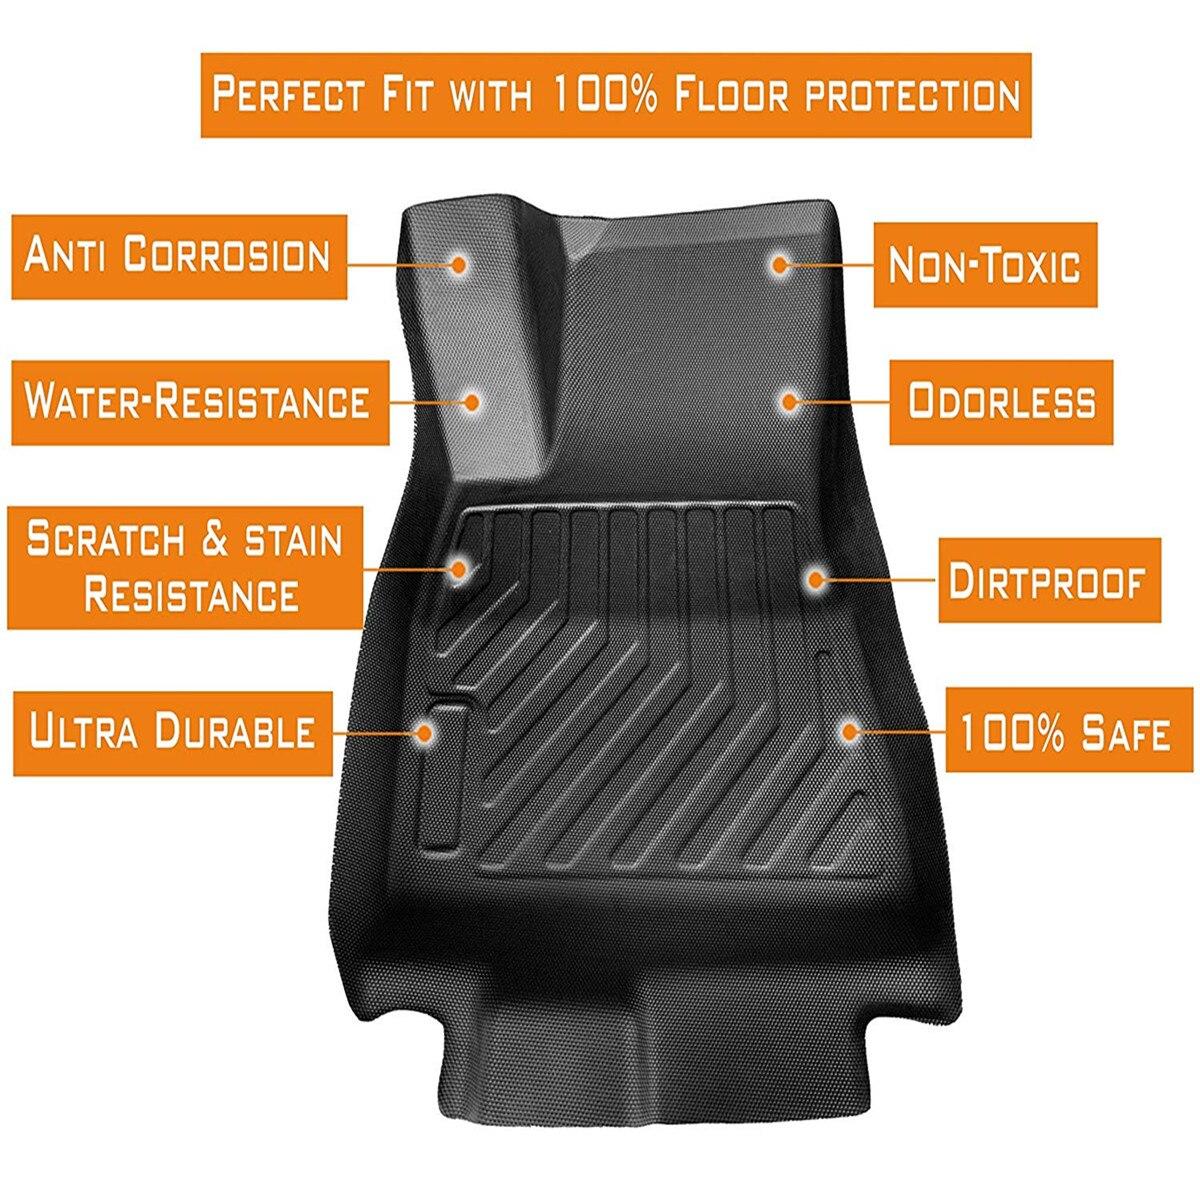 Audew 3 pièces TPO avant et arrière noir tapis de sol de voiture personnalisé ajustement tous temps tapis de sol couverture pour Tesla modèle 3 imperméable à l'eau Durable - 2